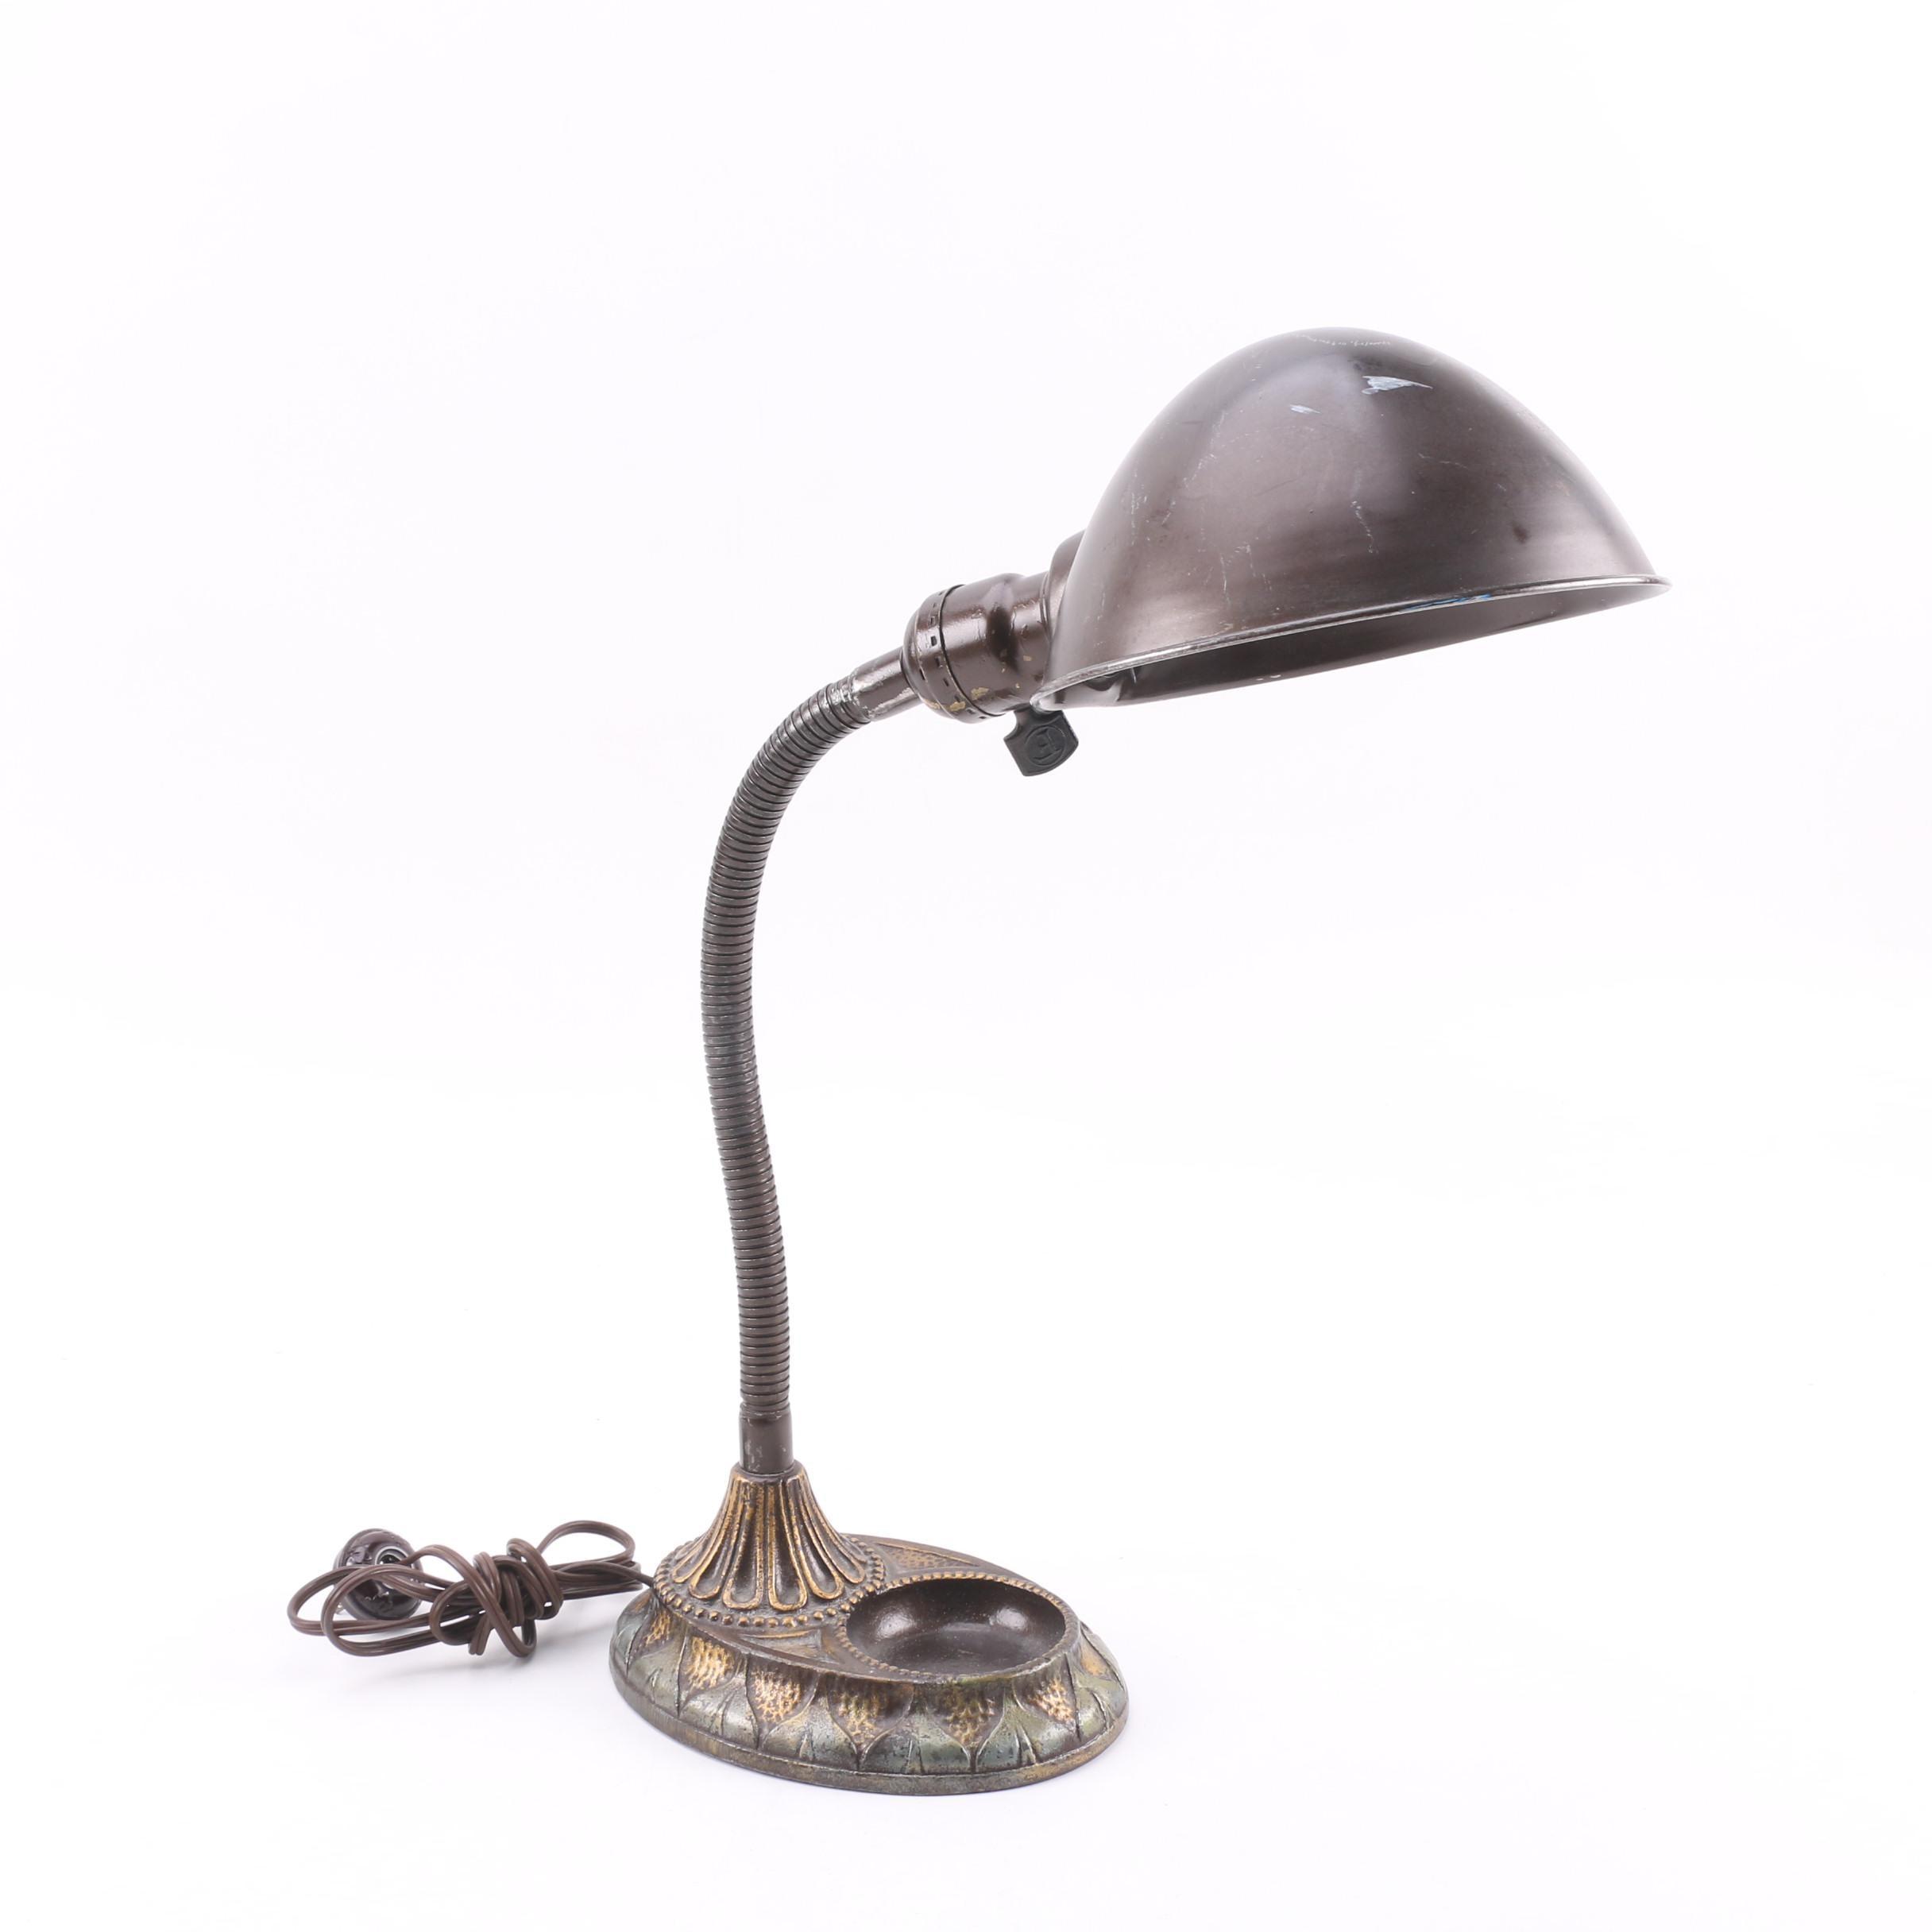 1930s Melaun Mfg. Co. Cast Iron Gooseneck Desk Lamp